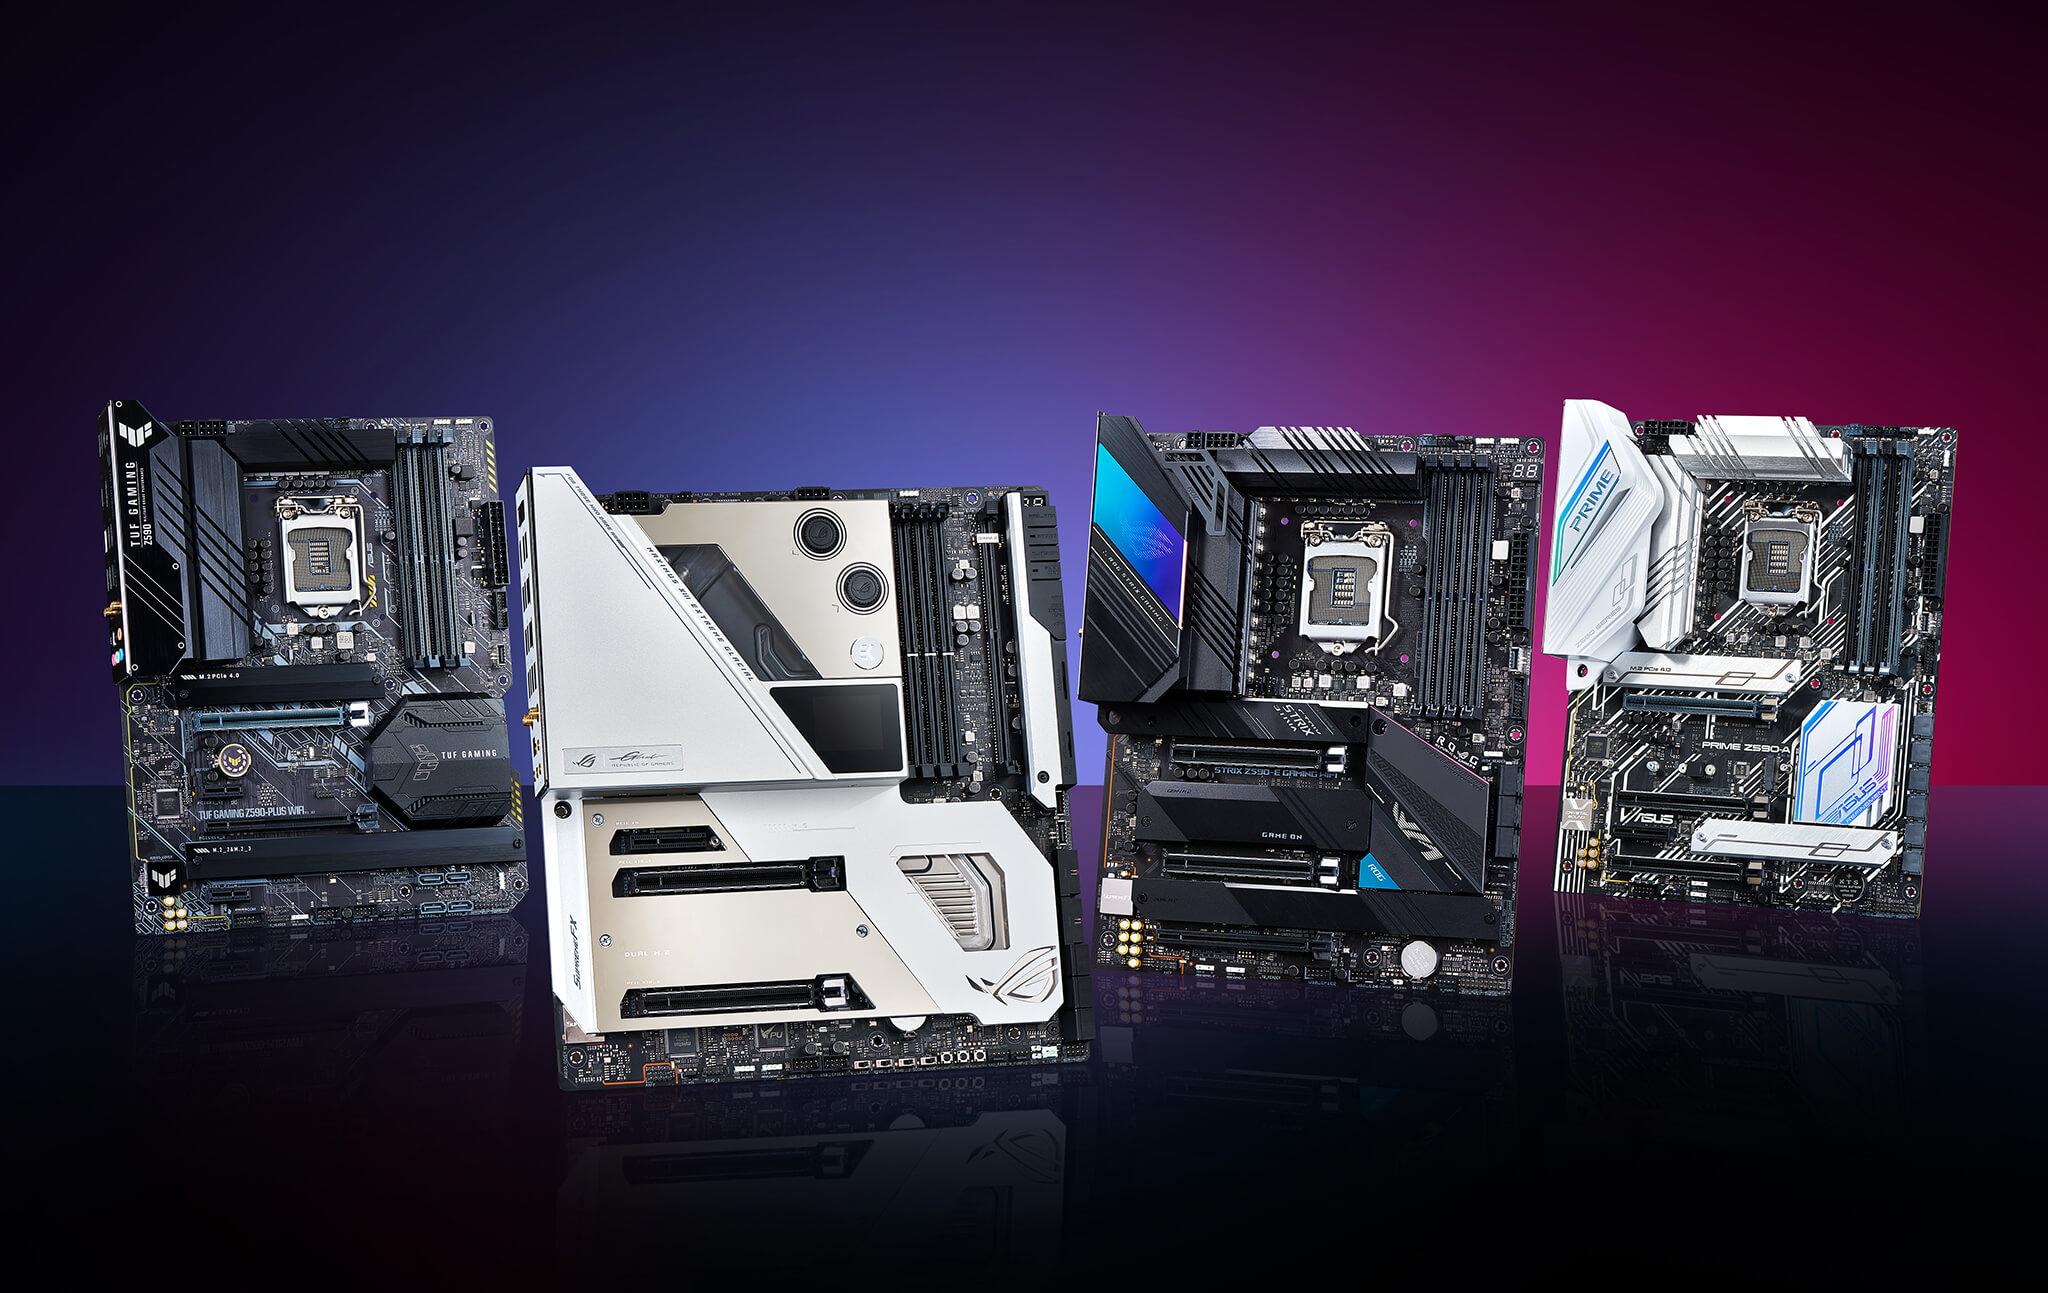 Tìm hiểu về Mainboard Z690 hỗ trợ RAM DDR5 trên các thế hệ CPU Intel thế hệ 12 mới sắp phát hành